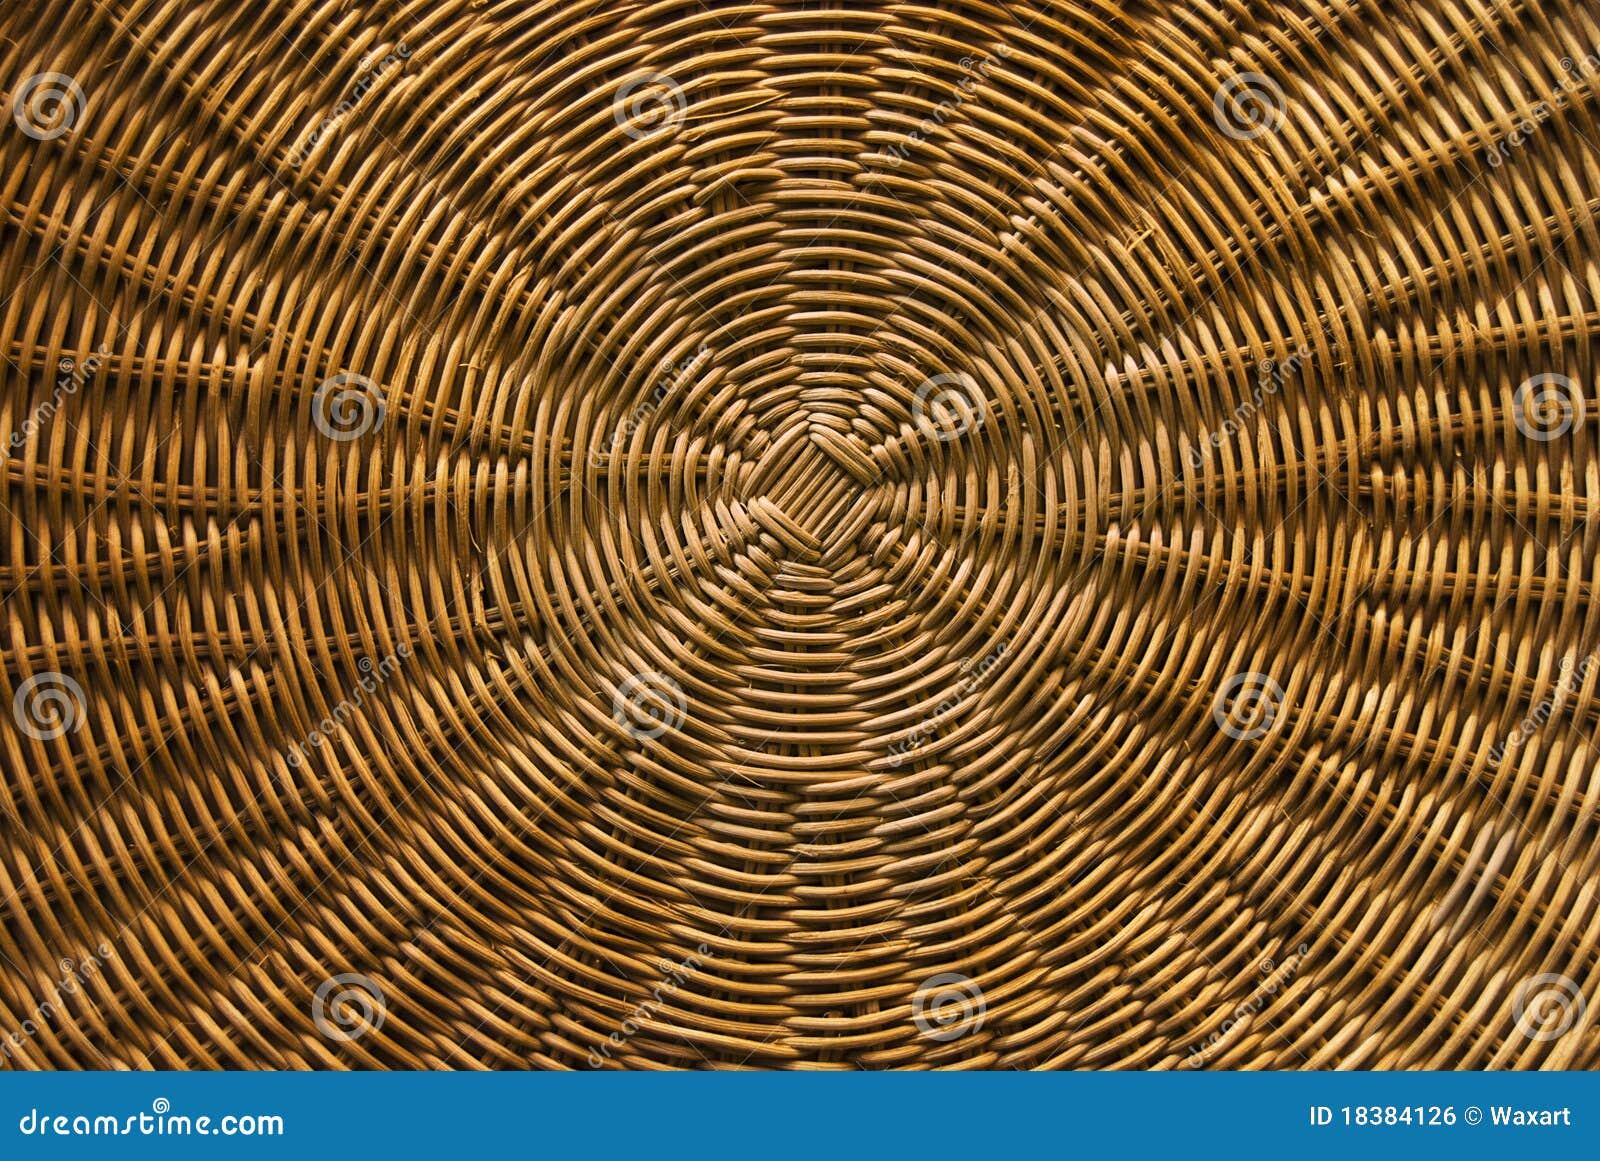 Free Basket Weaving Patterns Pictures : Circular basket weave pattern royalty free stock image